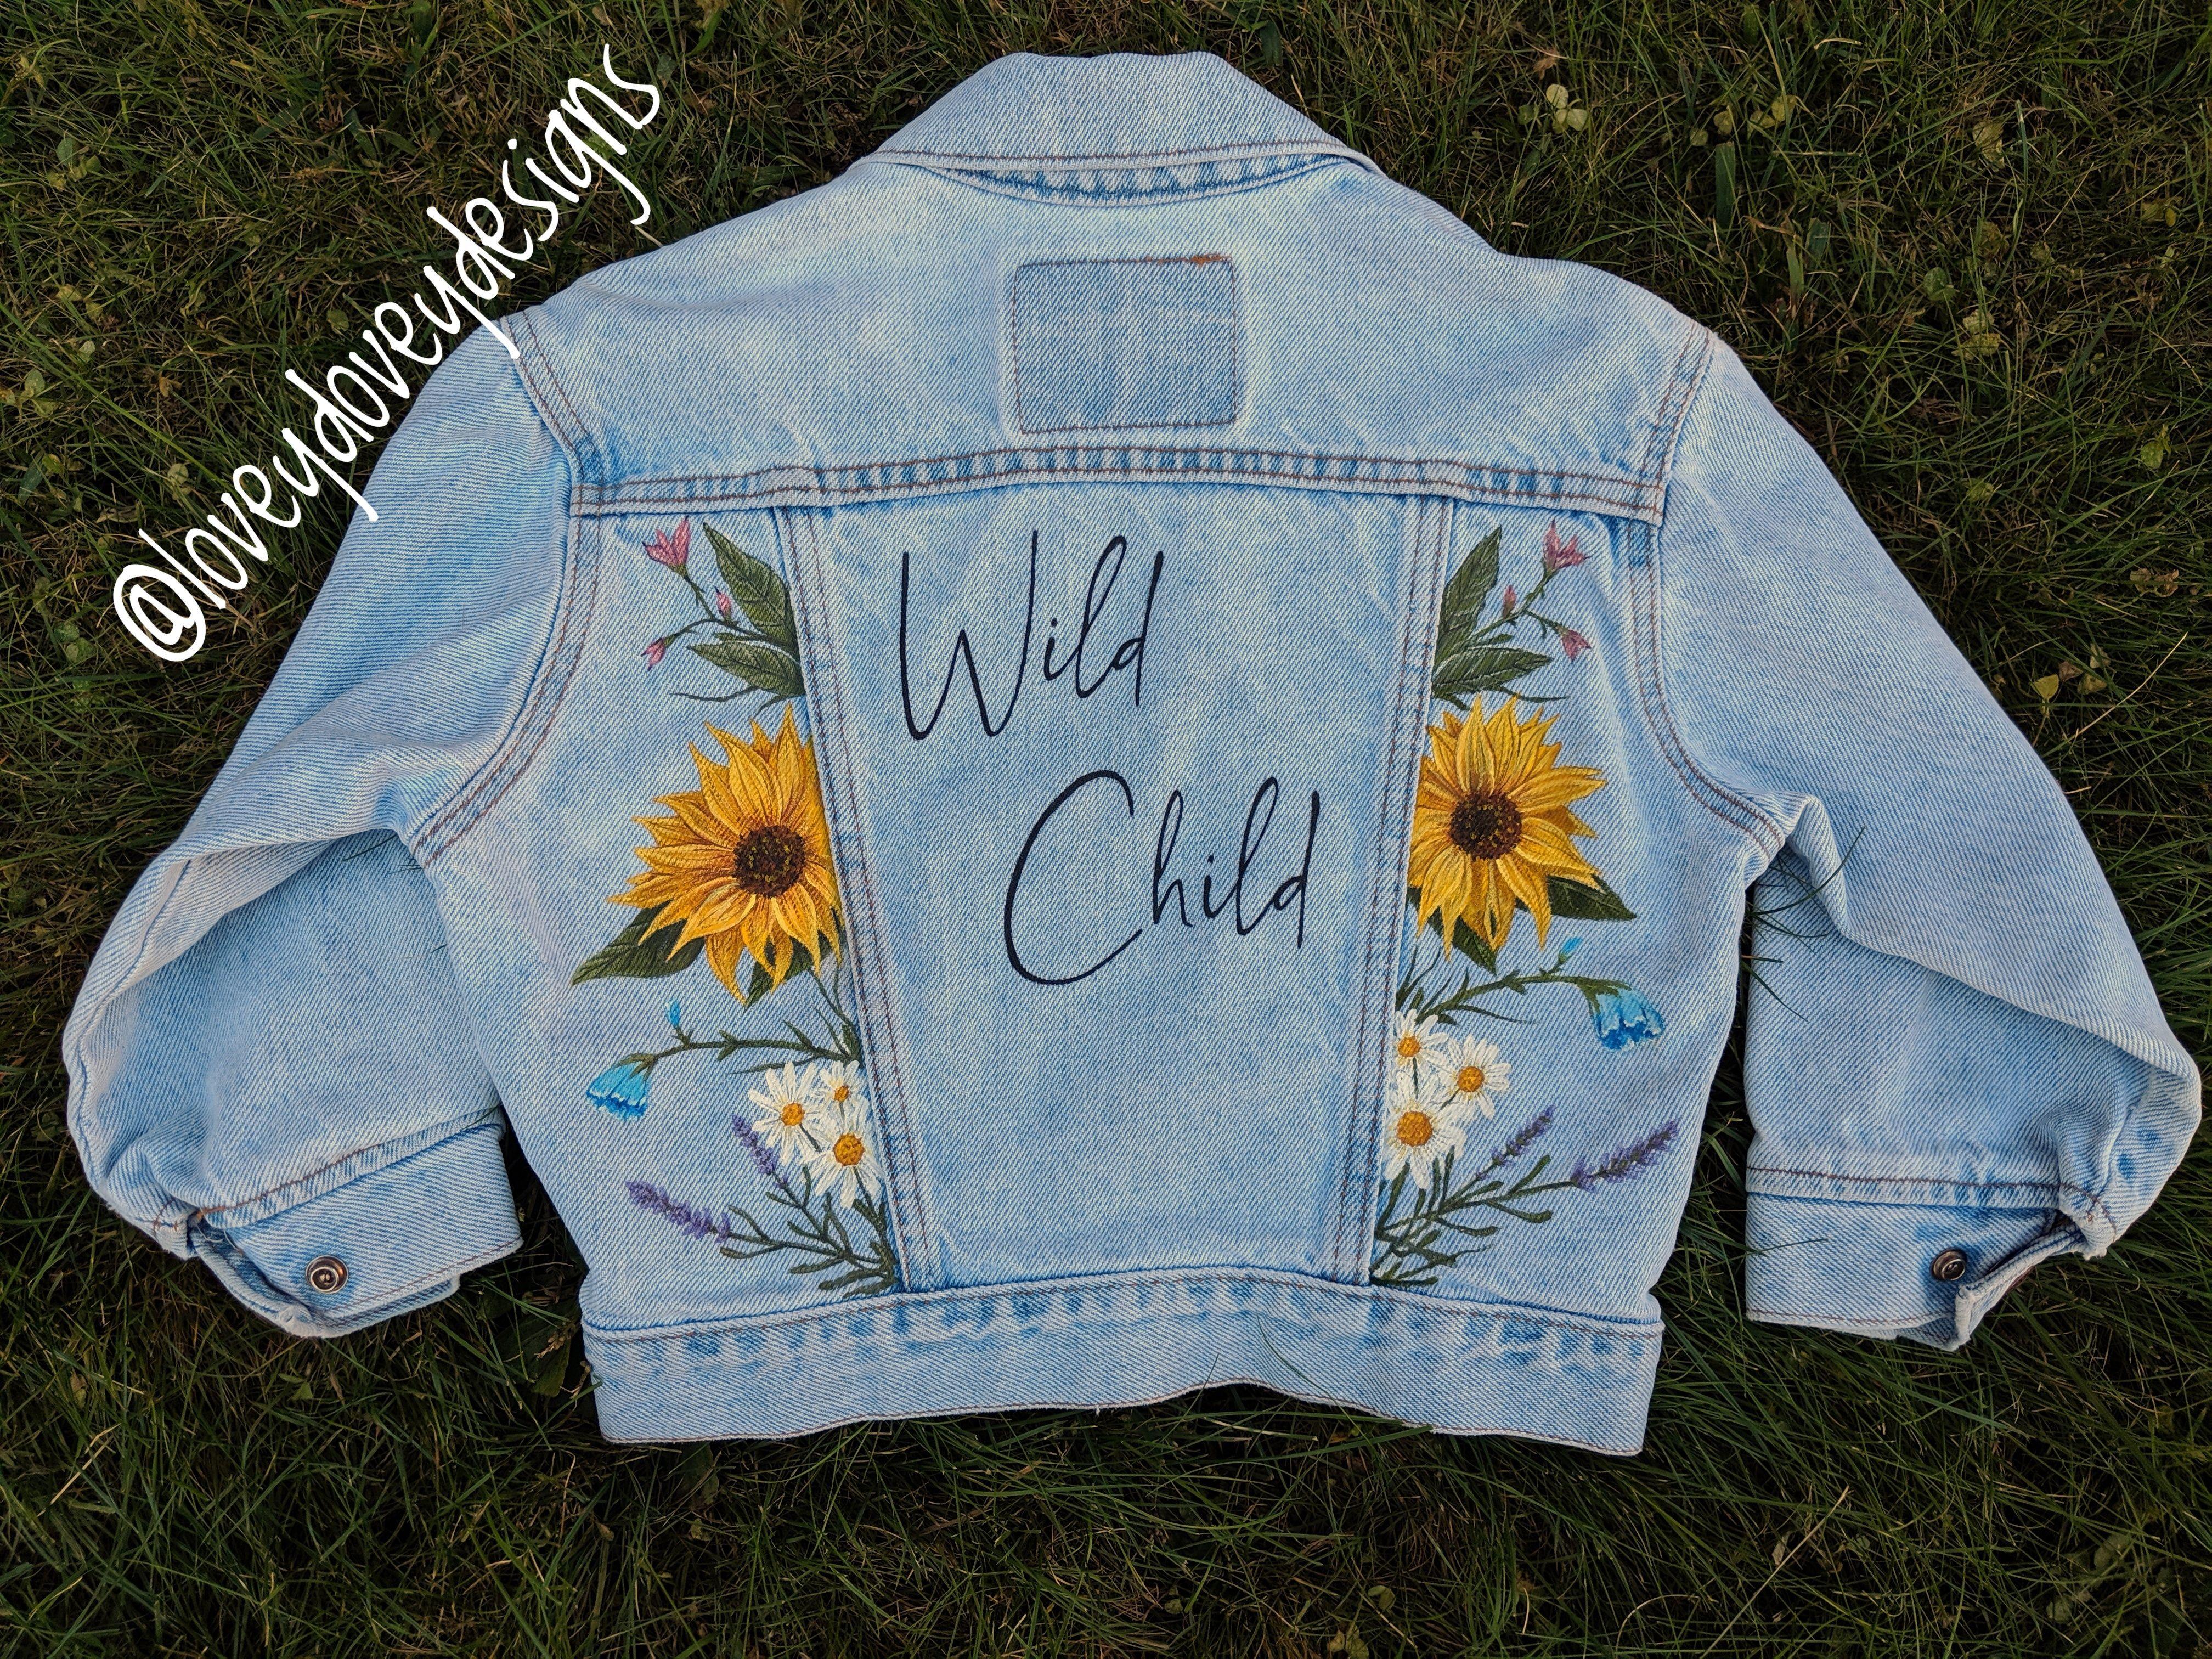 Painted Denim Jacket Kids Clothing Wild Child Denim Jacket Diy Paint Hand Painted Denim Jacket Diy Jacket [ 3024 x 4032 Pixel ]